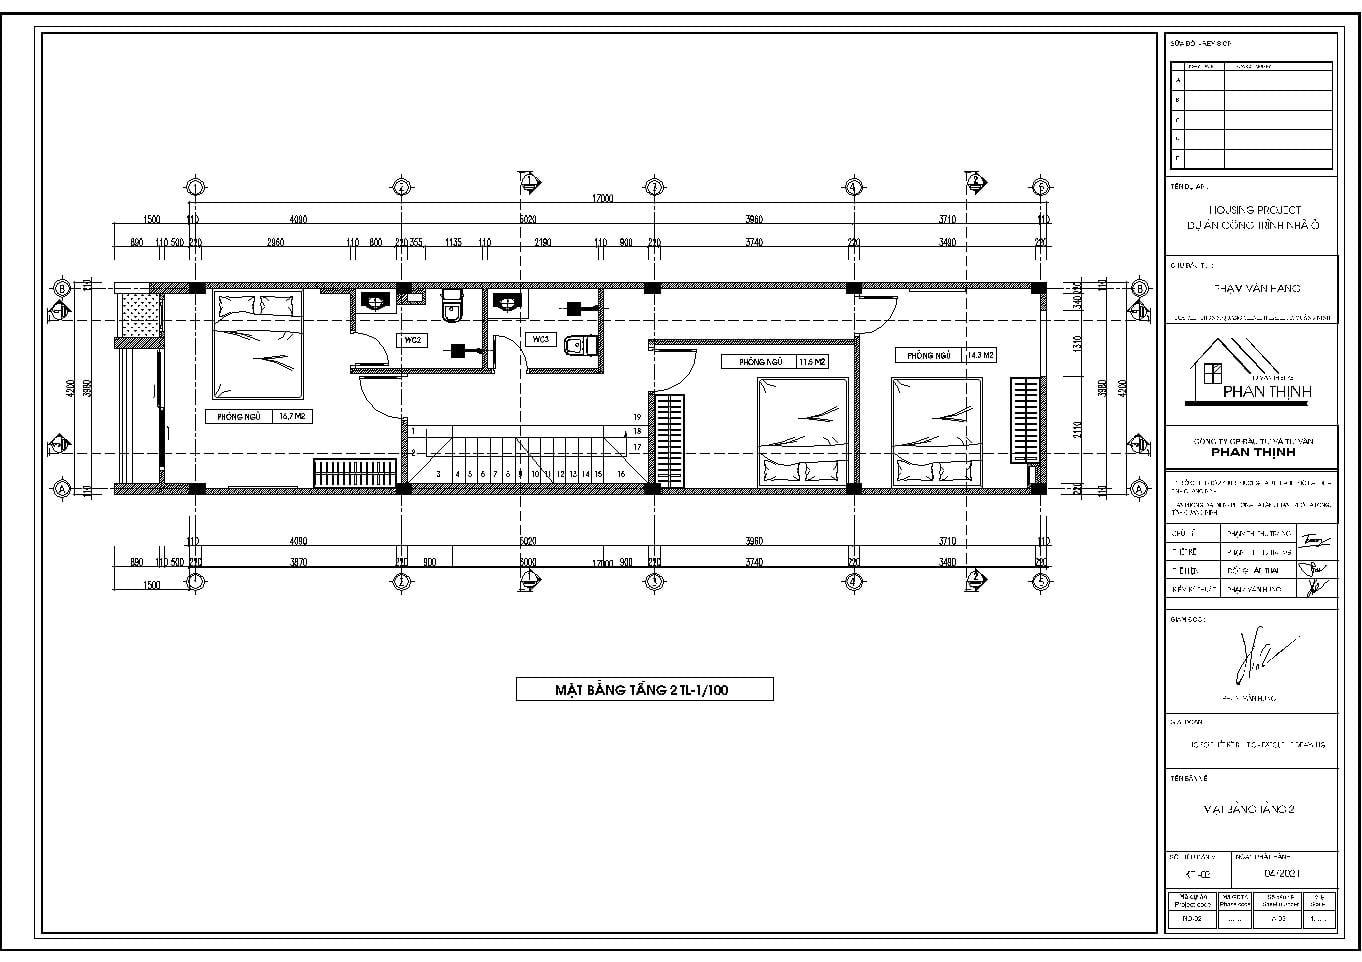 Mặt bằng tầng 2 bản vẽ cad nhà 3 tầng đơn giản